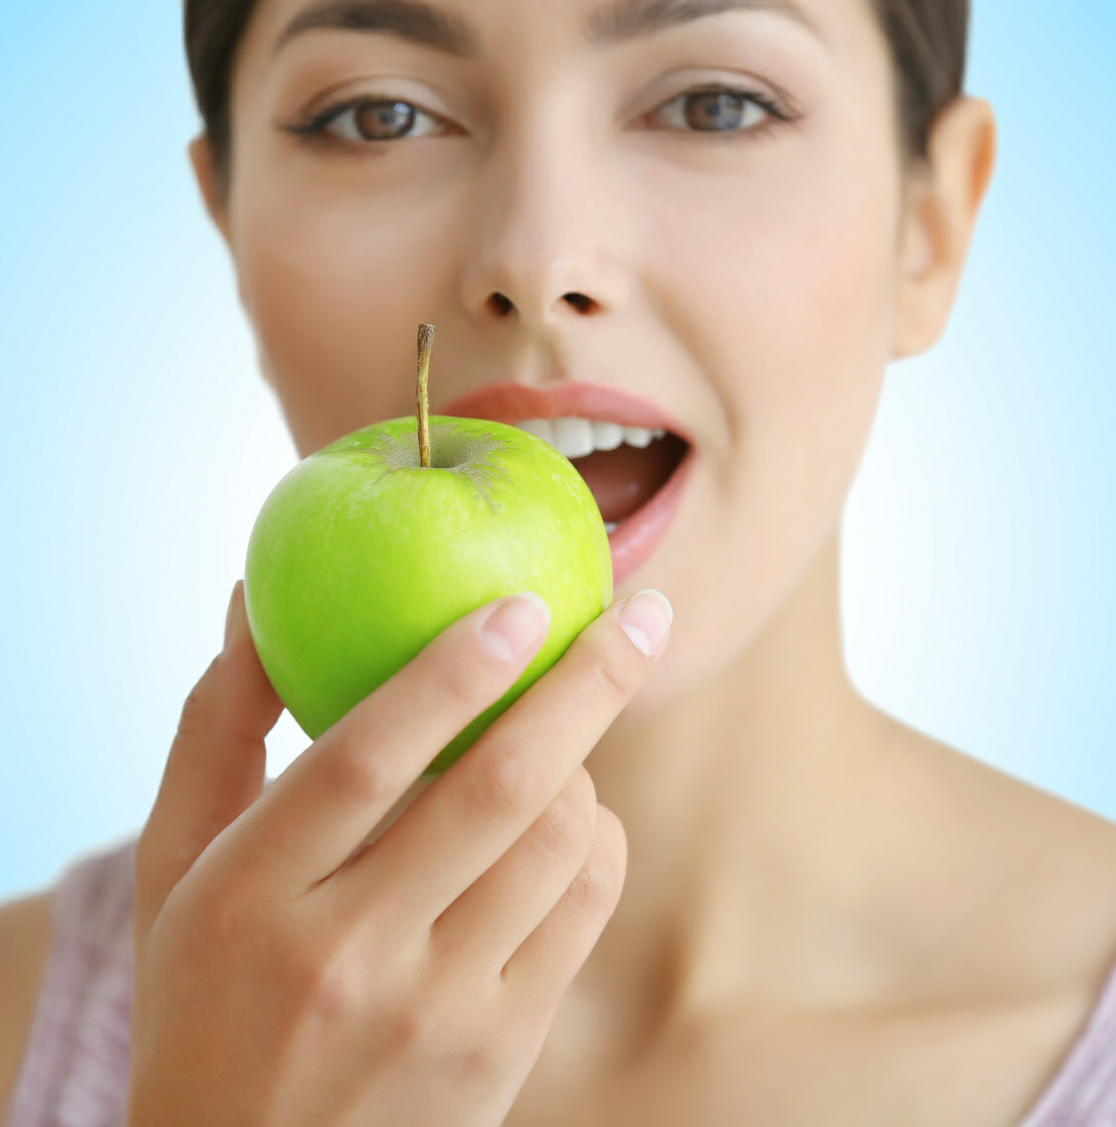 「よく噛む」と糖尿病やメタボのリスクが低下 よく噛むための7ヵ条